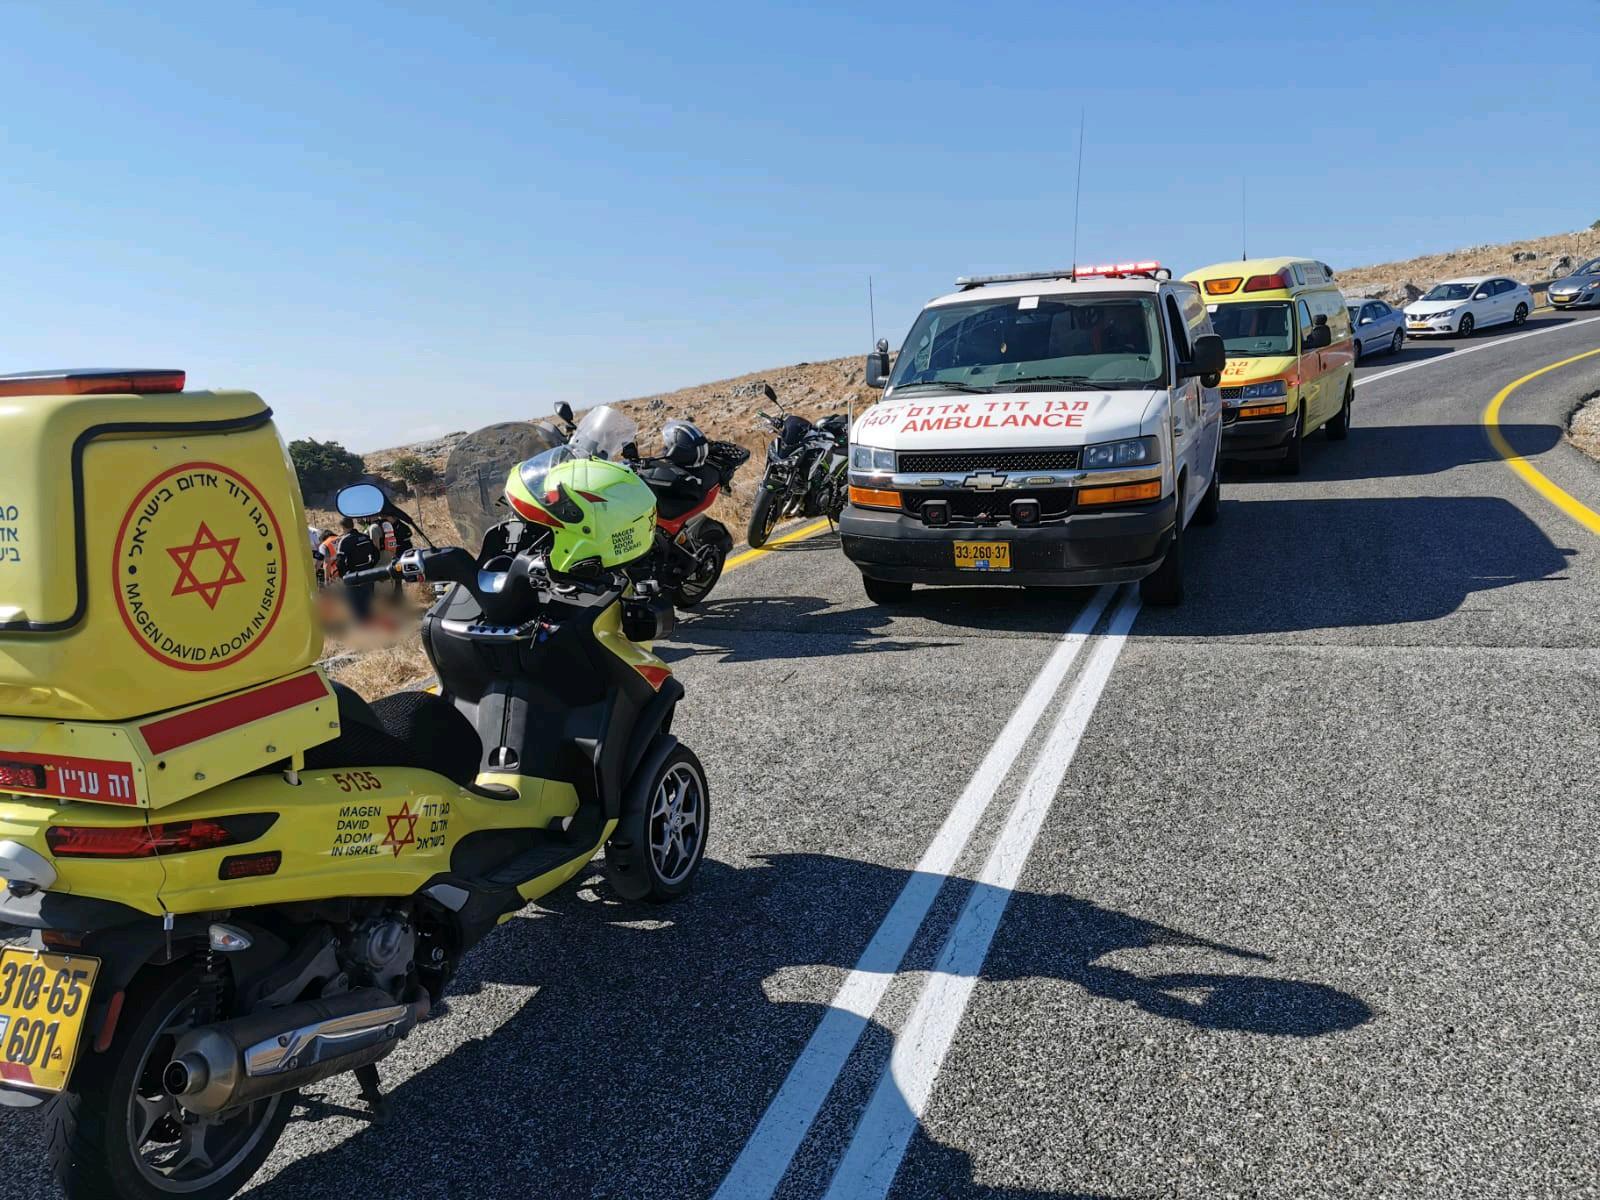 נקבע מותו של רוכב אופנוע שהחליק בכביש 899 ממלכיה לכיוון רמות נפתלי